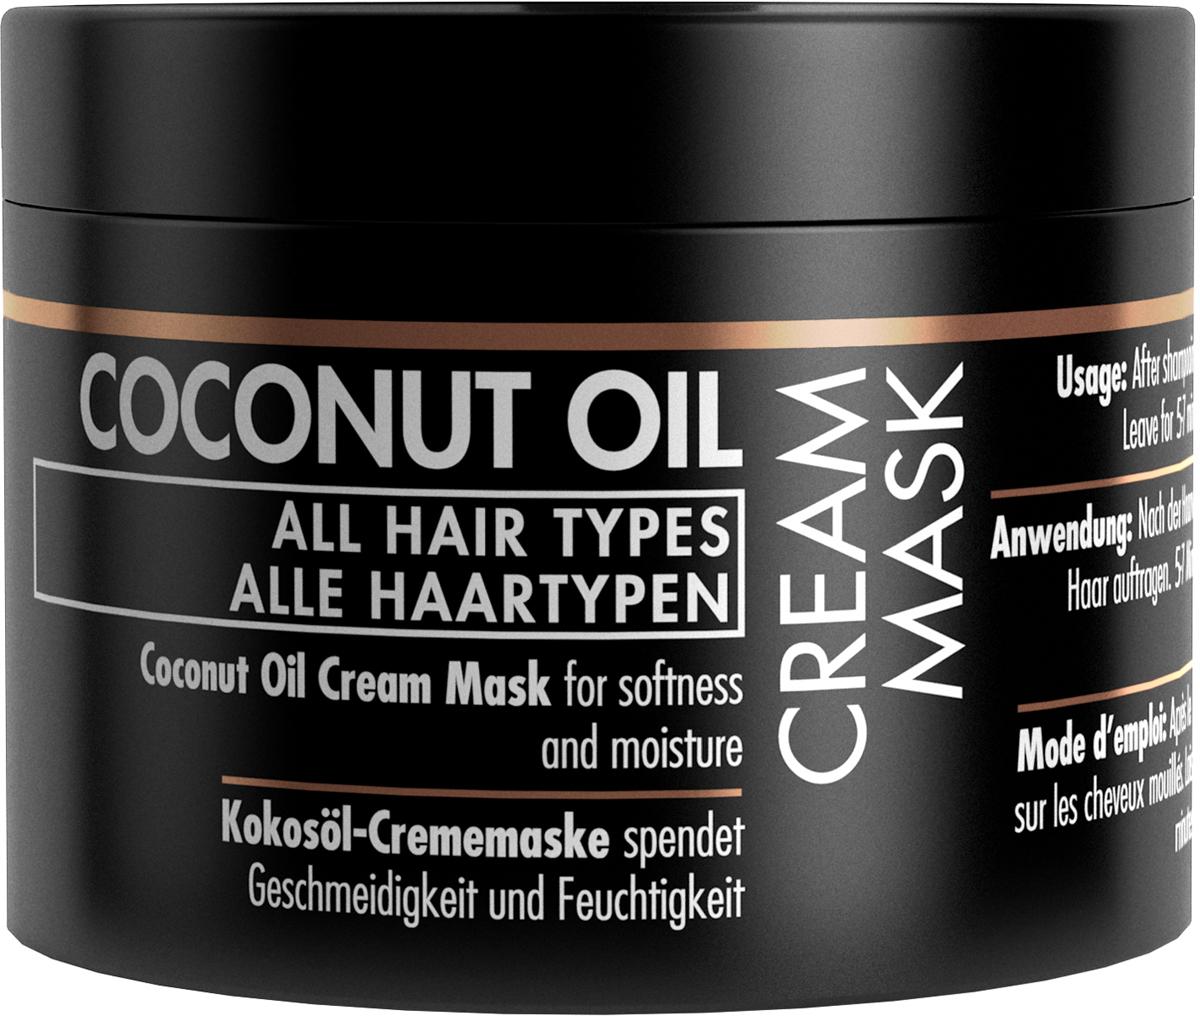 Gosh Маска для волос с кокосовым маслом Coconut Oil, 175 мл60756GOSH Линия для стайлинга и ухода за волосами - высокоэффективный специализированный уход для красоты и здоровья волос. В ассортименте представлены средства, обеспечивающие оптимальный уход для каждого типа волос – для нормальных, тонких, окрашенных или поврежденных волос. Деликатный состав подходит для ежедневного применения,восстанавливает секущиеся кончики, омолаживает, питает и увлажняет волосы и кожу головы. Сохраняет волосы и кожу головы в здоровом балансе. Все шампуни и кондиционеры содержат активные и питательные ингредиенты,не содержат парабенов. (1011540017;S;Coconut;INT) GOSH Маска для волос с кокосовым маслом Coconut Oil, 175 мл. Средство предназначено для ухода за всеми типами волос. Восстанавливает секущиеся кончики, омолаживает, питает и увлажняет волосы и кожу головы.